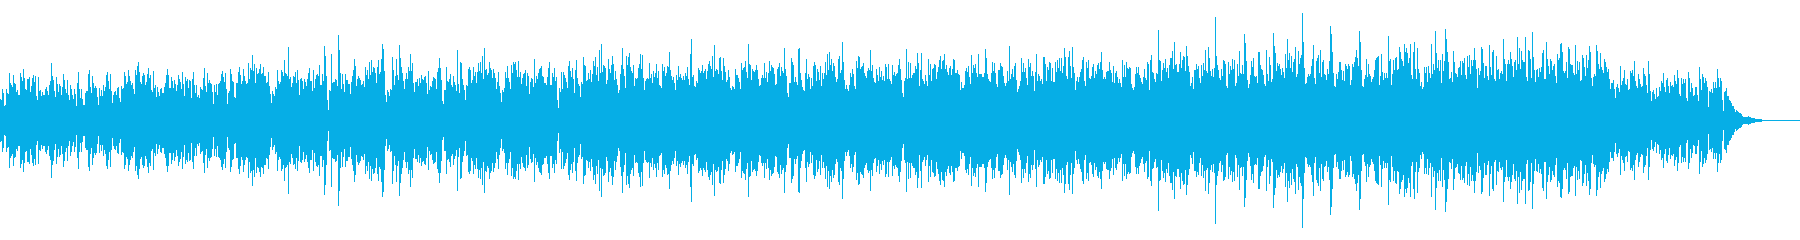 近未来クラシック調壮大癒しピアノCMVPの再生済みの波形